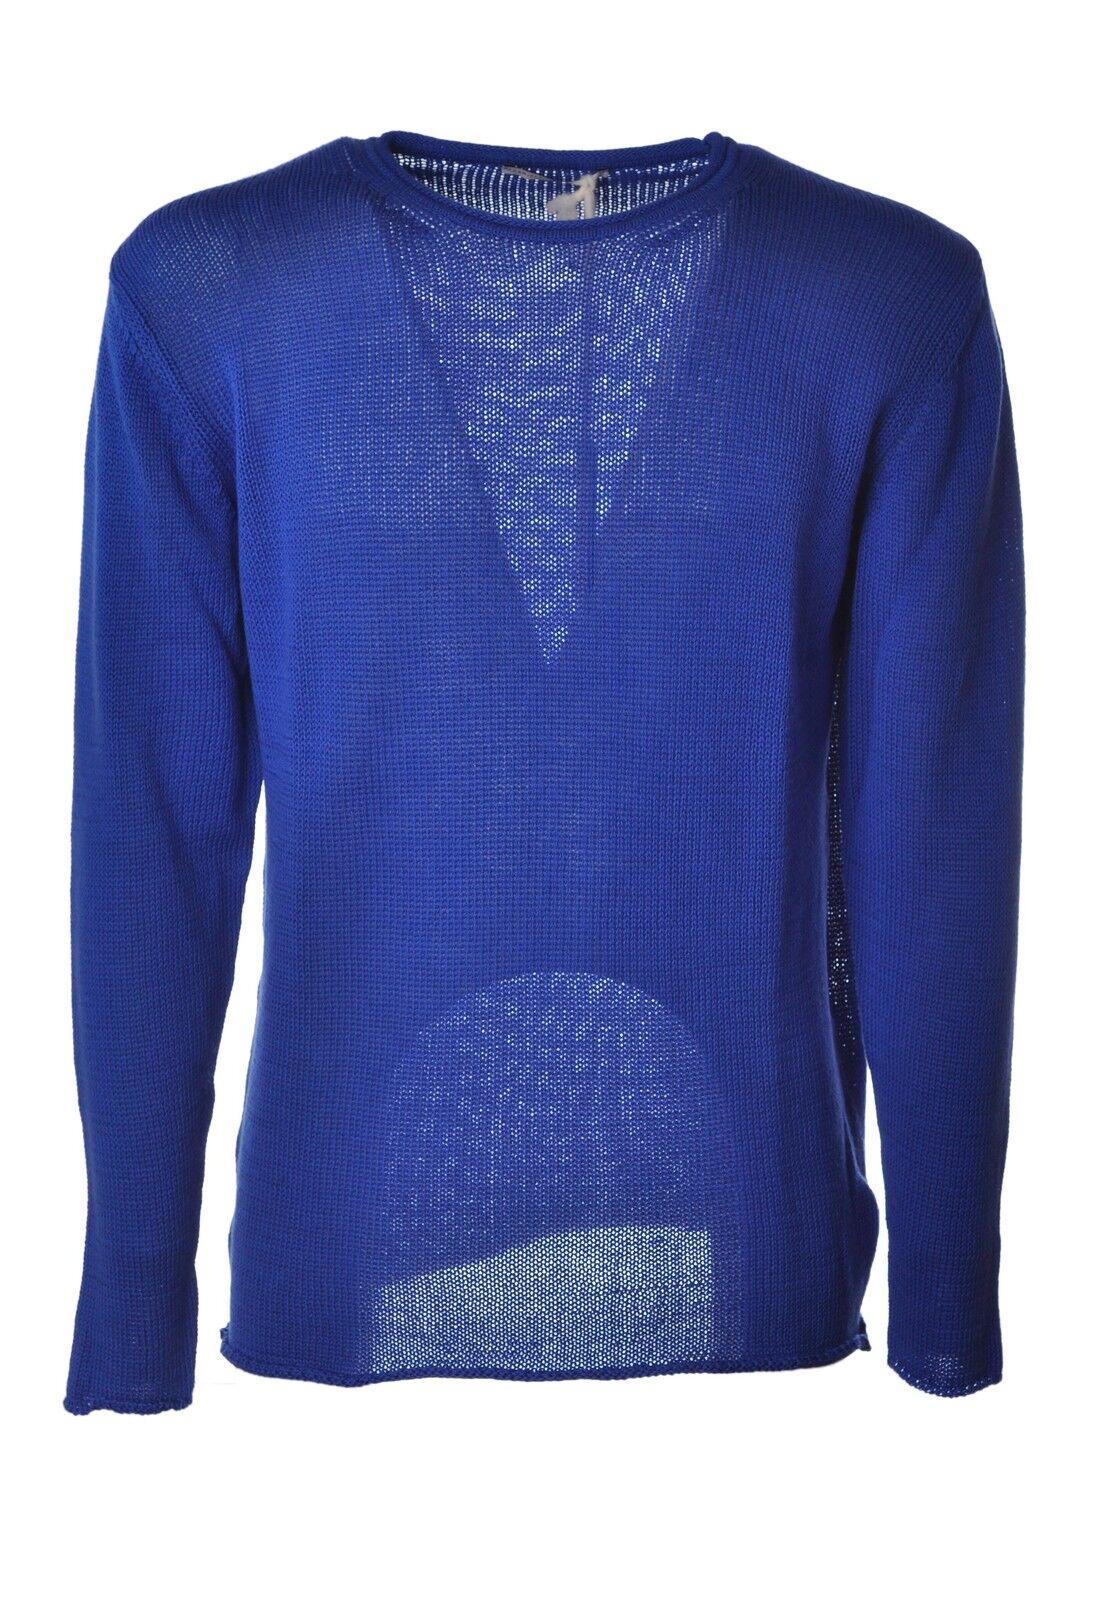 Daniele Alessandrini  -  Sweaters - Male - Blau - 3816829A181156